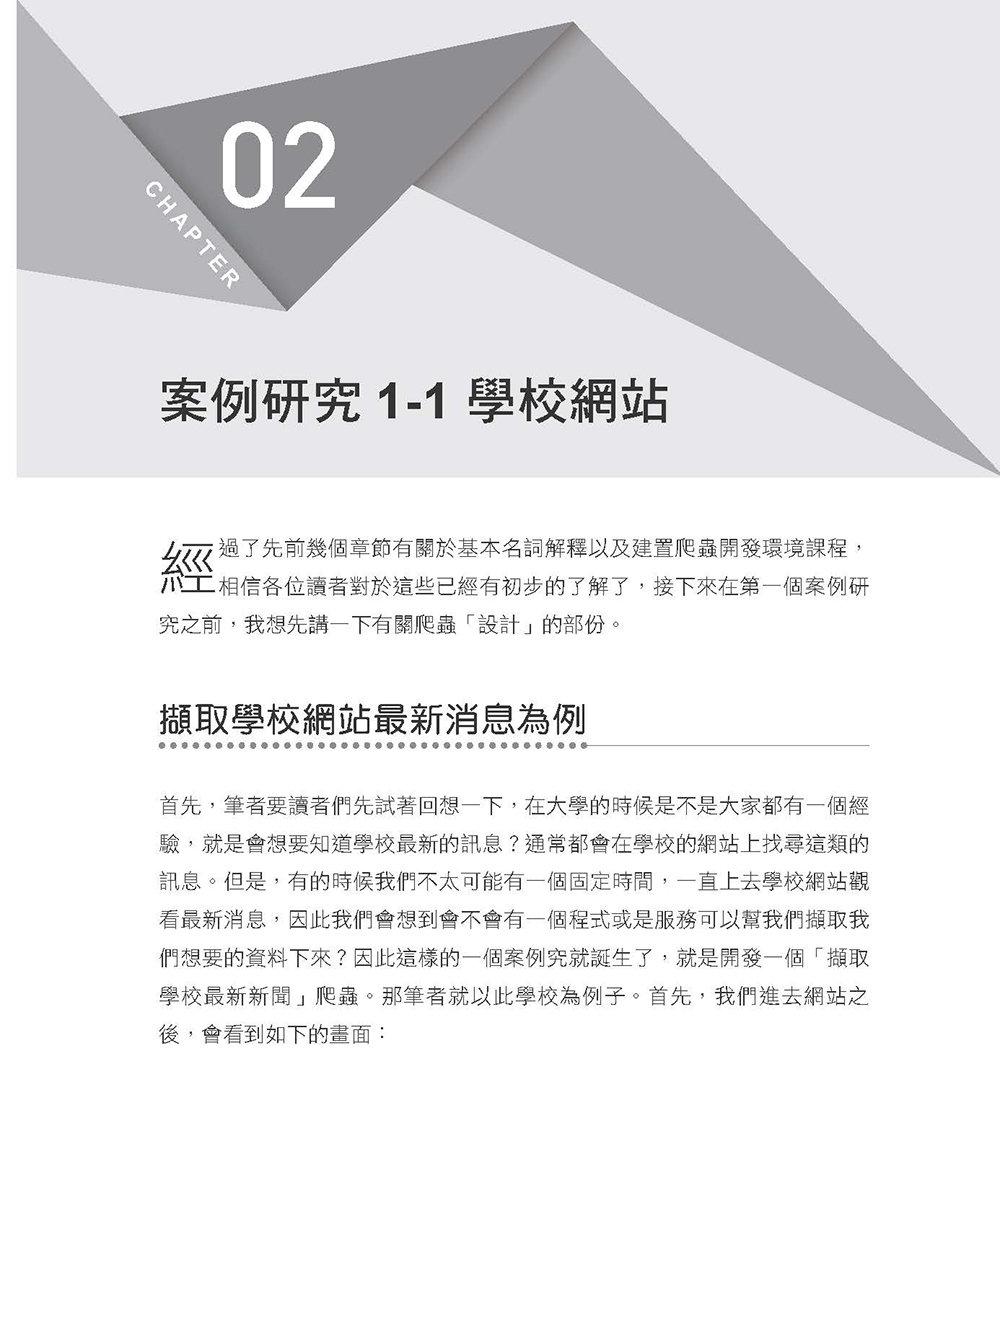 PHP 網路爬蟲開發:入門到進階的爬蟲技術指南(iT邦幫忙鐵人賽系列書)-preview-10